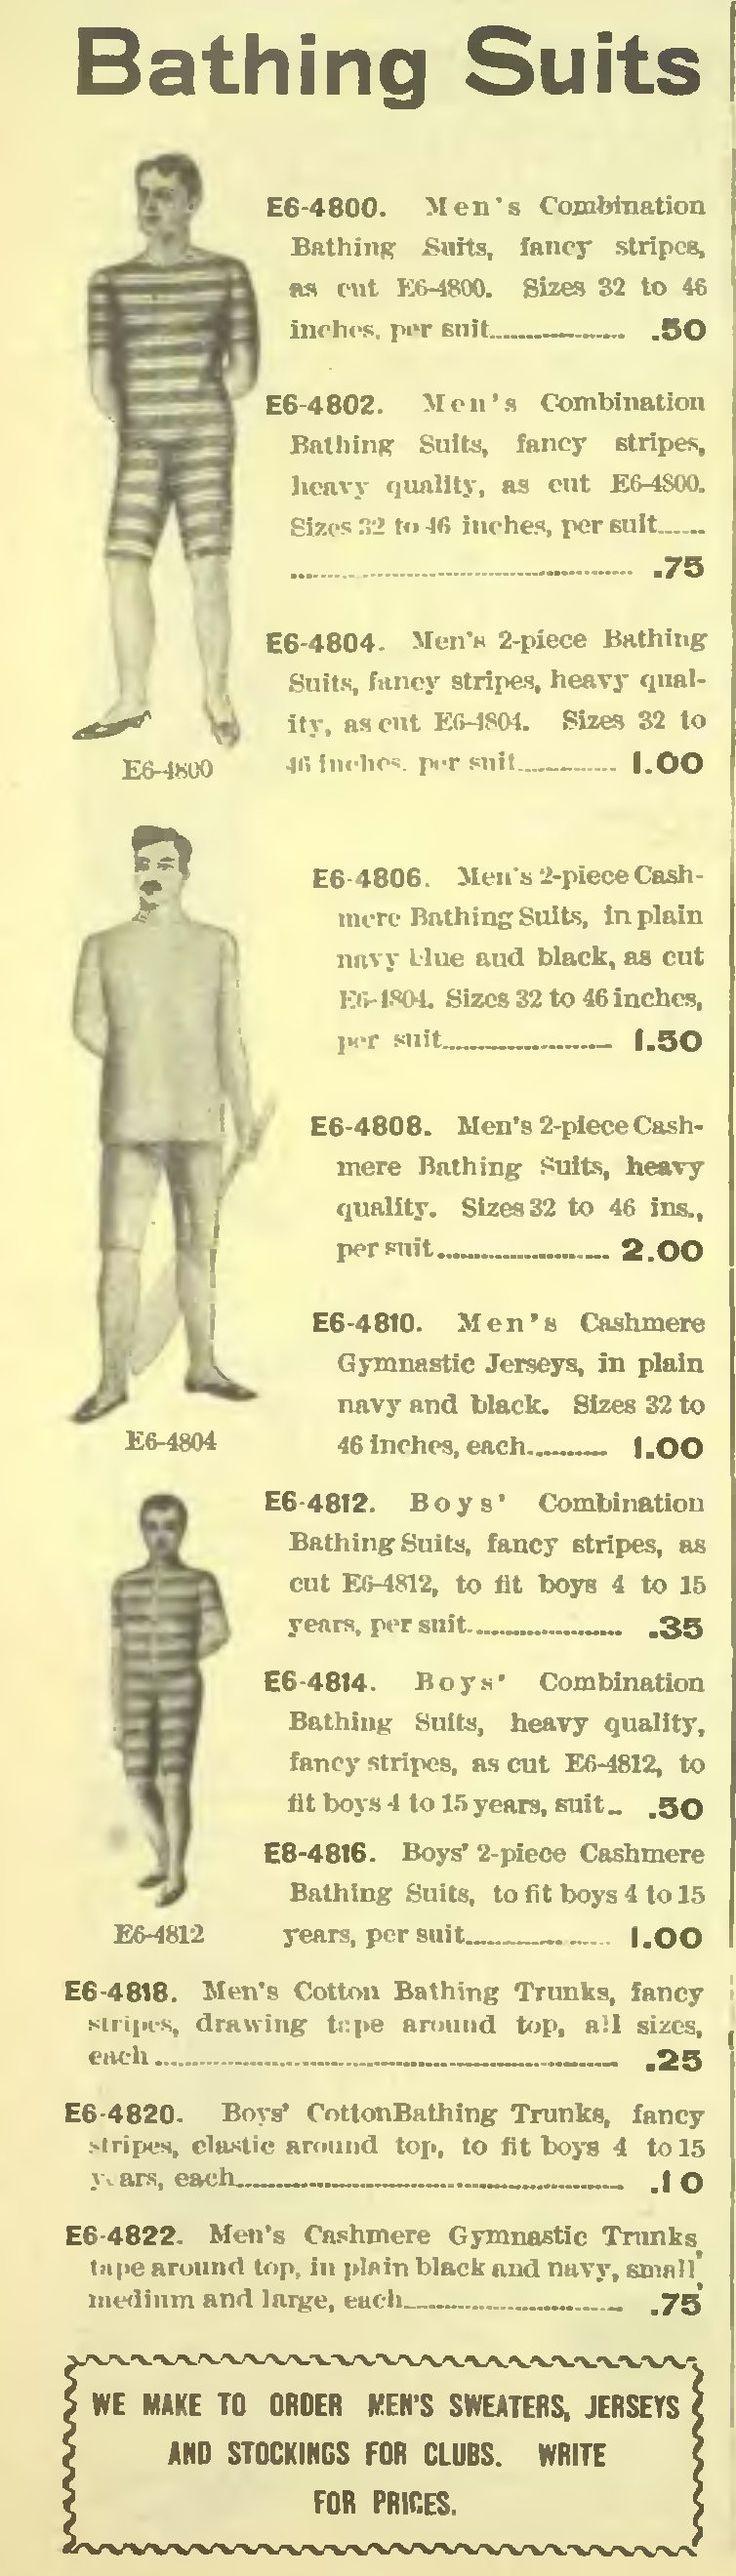 мужские купальные костюмы